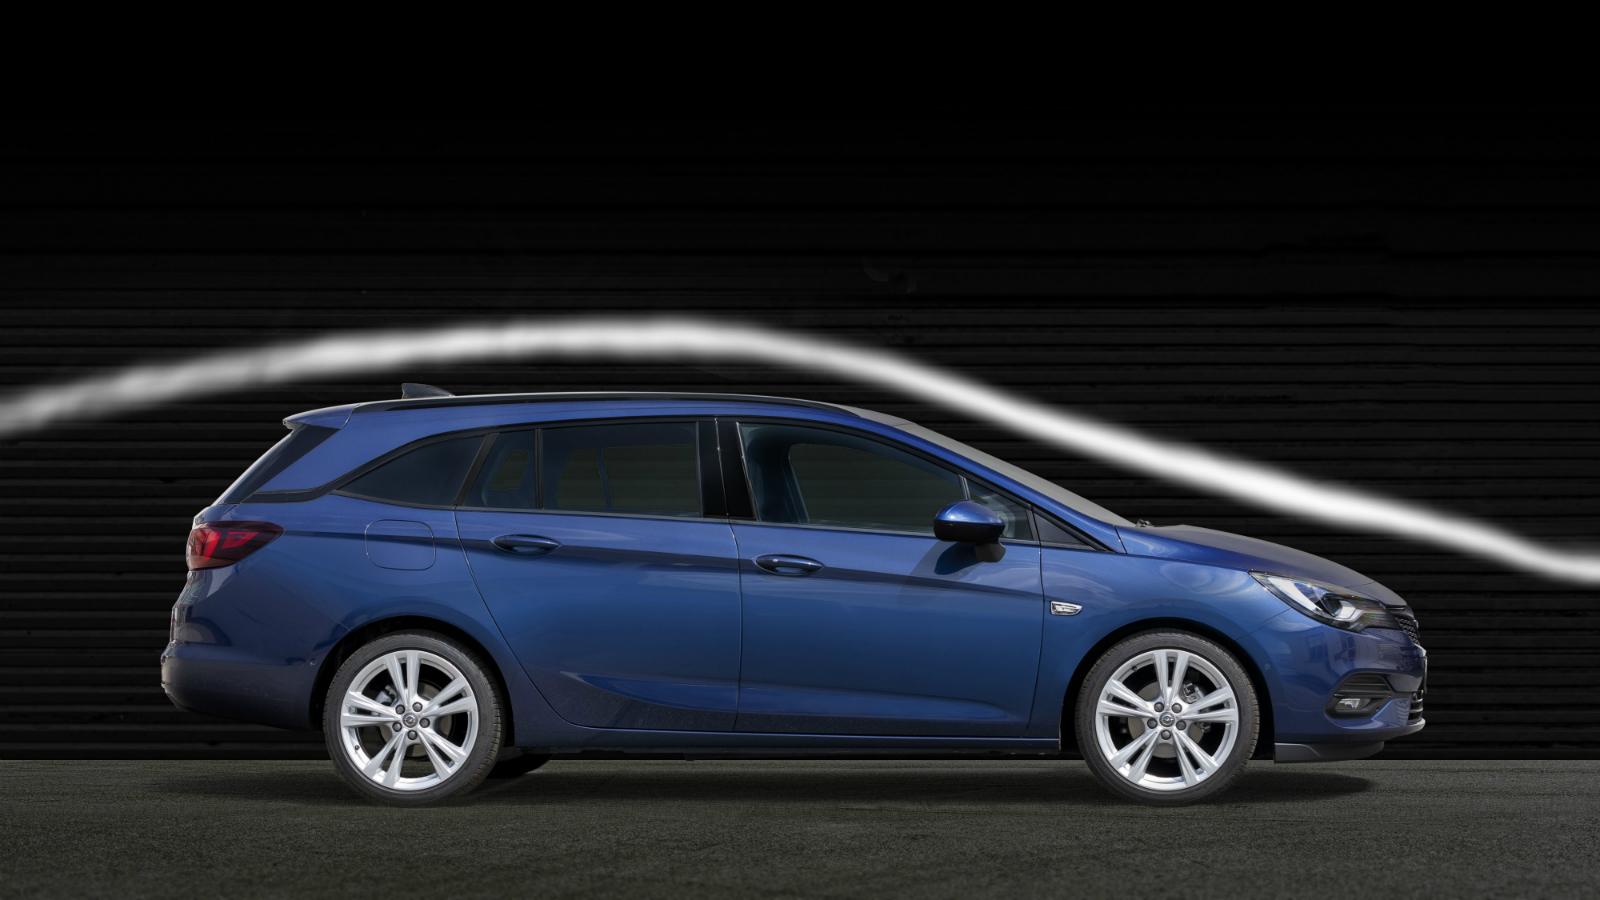 Regii aerodinamicii: noul Opel Astra imparte coroana cu modelul Calibra